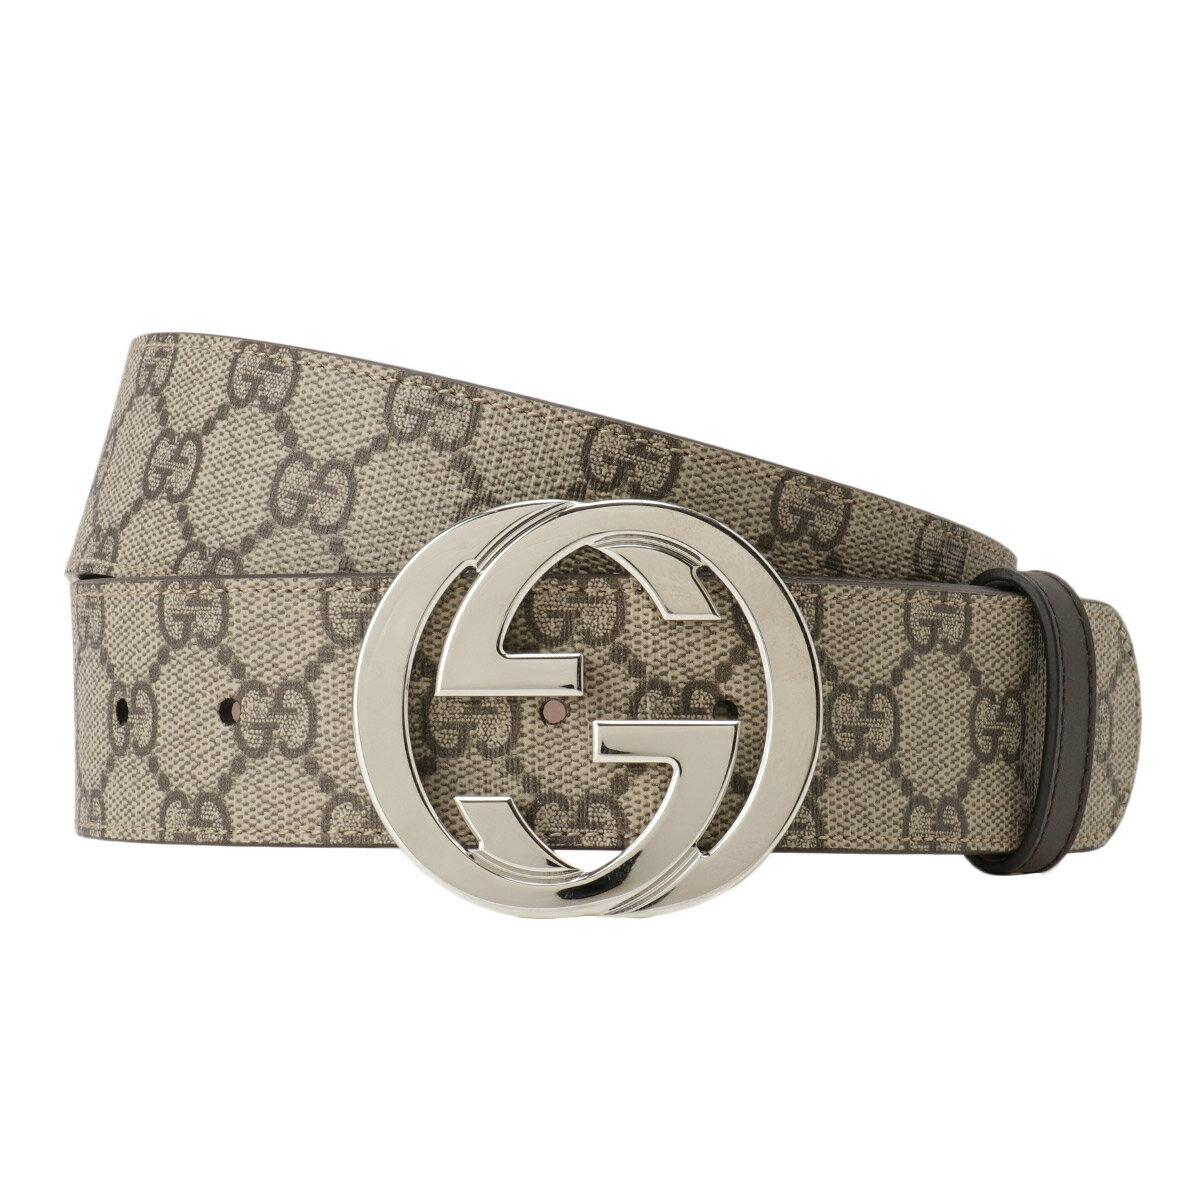 ベルト・サスペンダー, メンズベルト  Gucci GG Supreme Belt 411924 Kgdhn 9643Beige GG